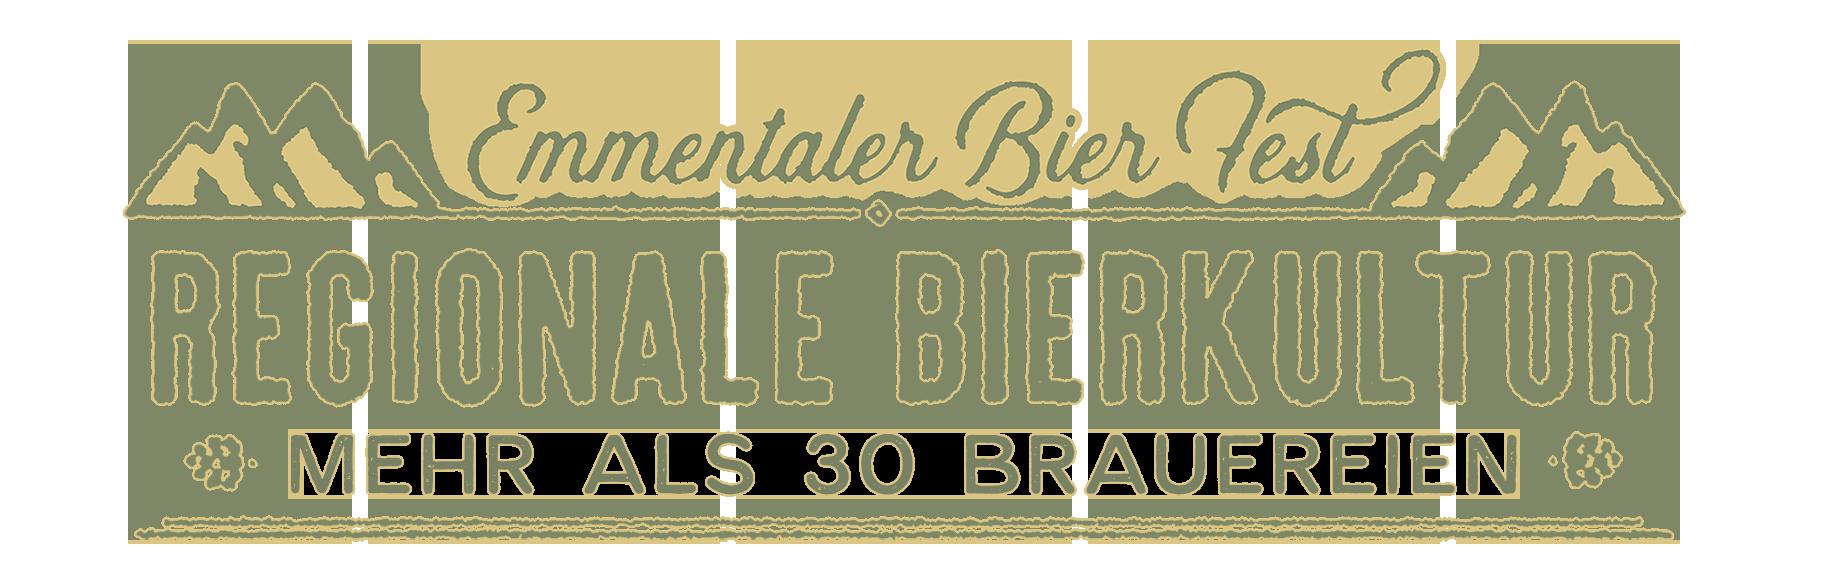 30 Brauereien